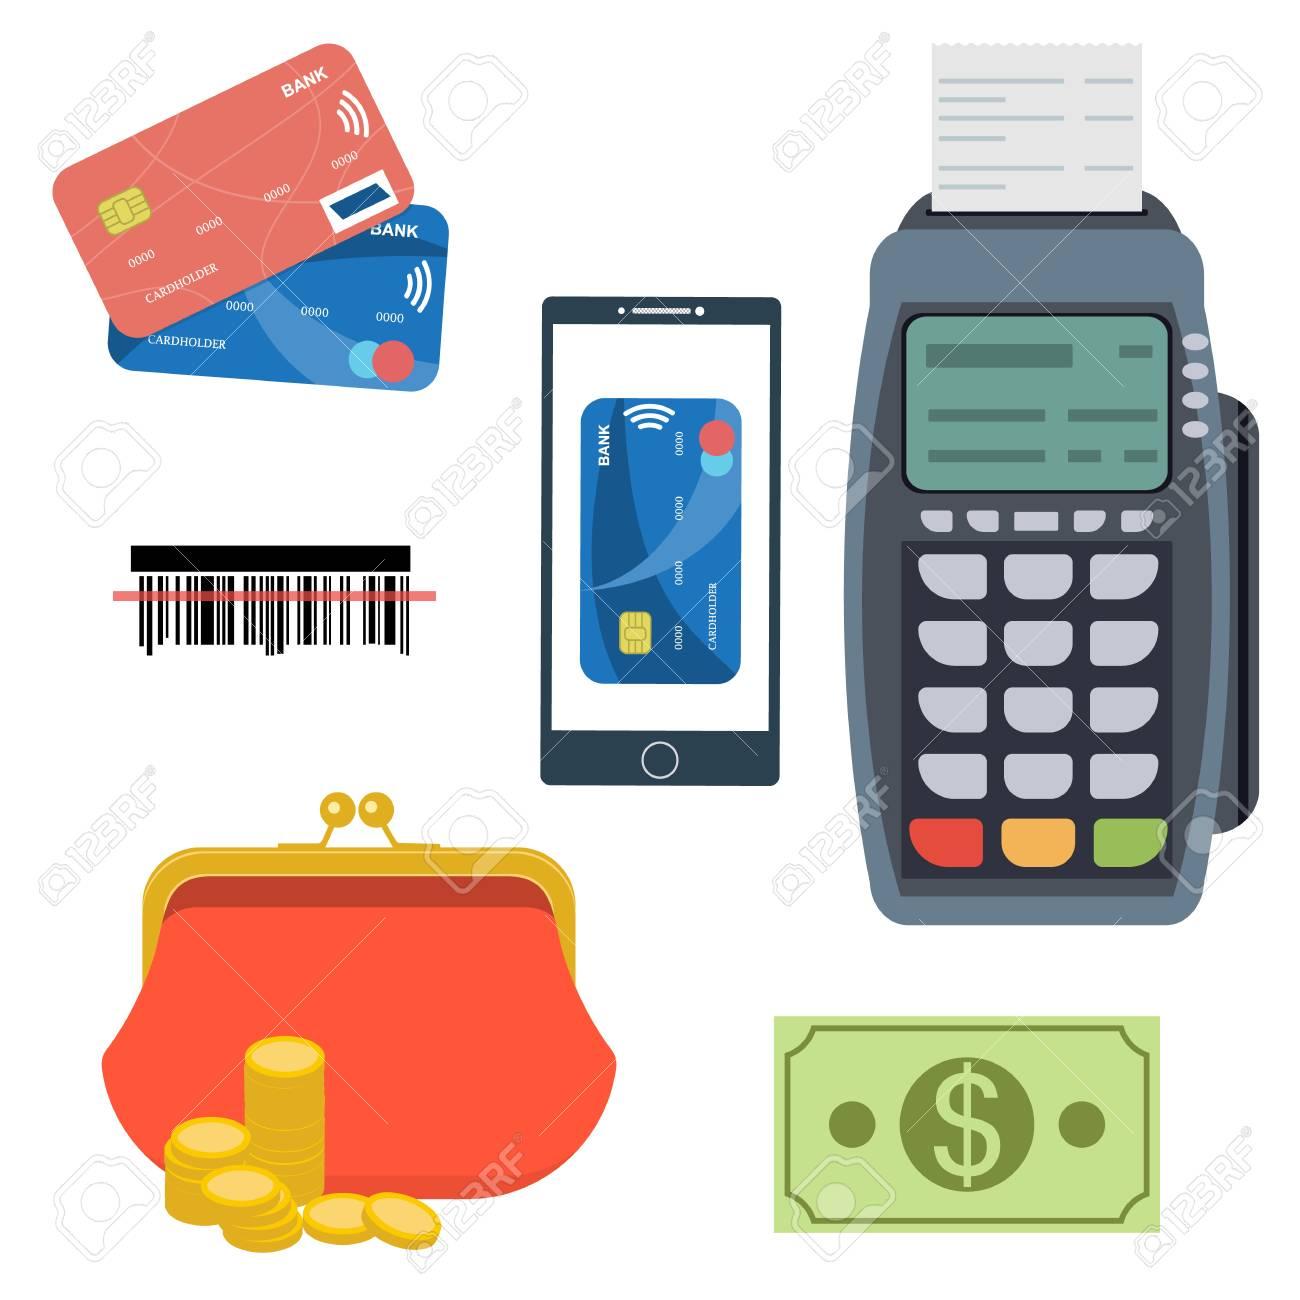 Paiement Et Jeu Bancaire Tout Pour Les Paiements D Affaires Terminal De Paiement Pos Code A Barres Recu Porte Monnaie Cartes De Credit Paiement